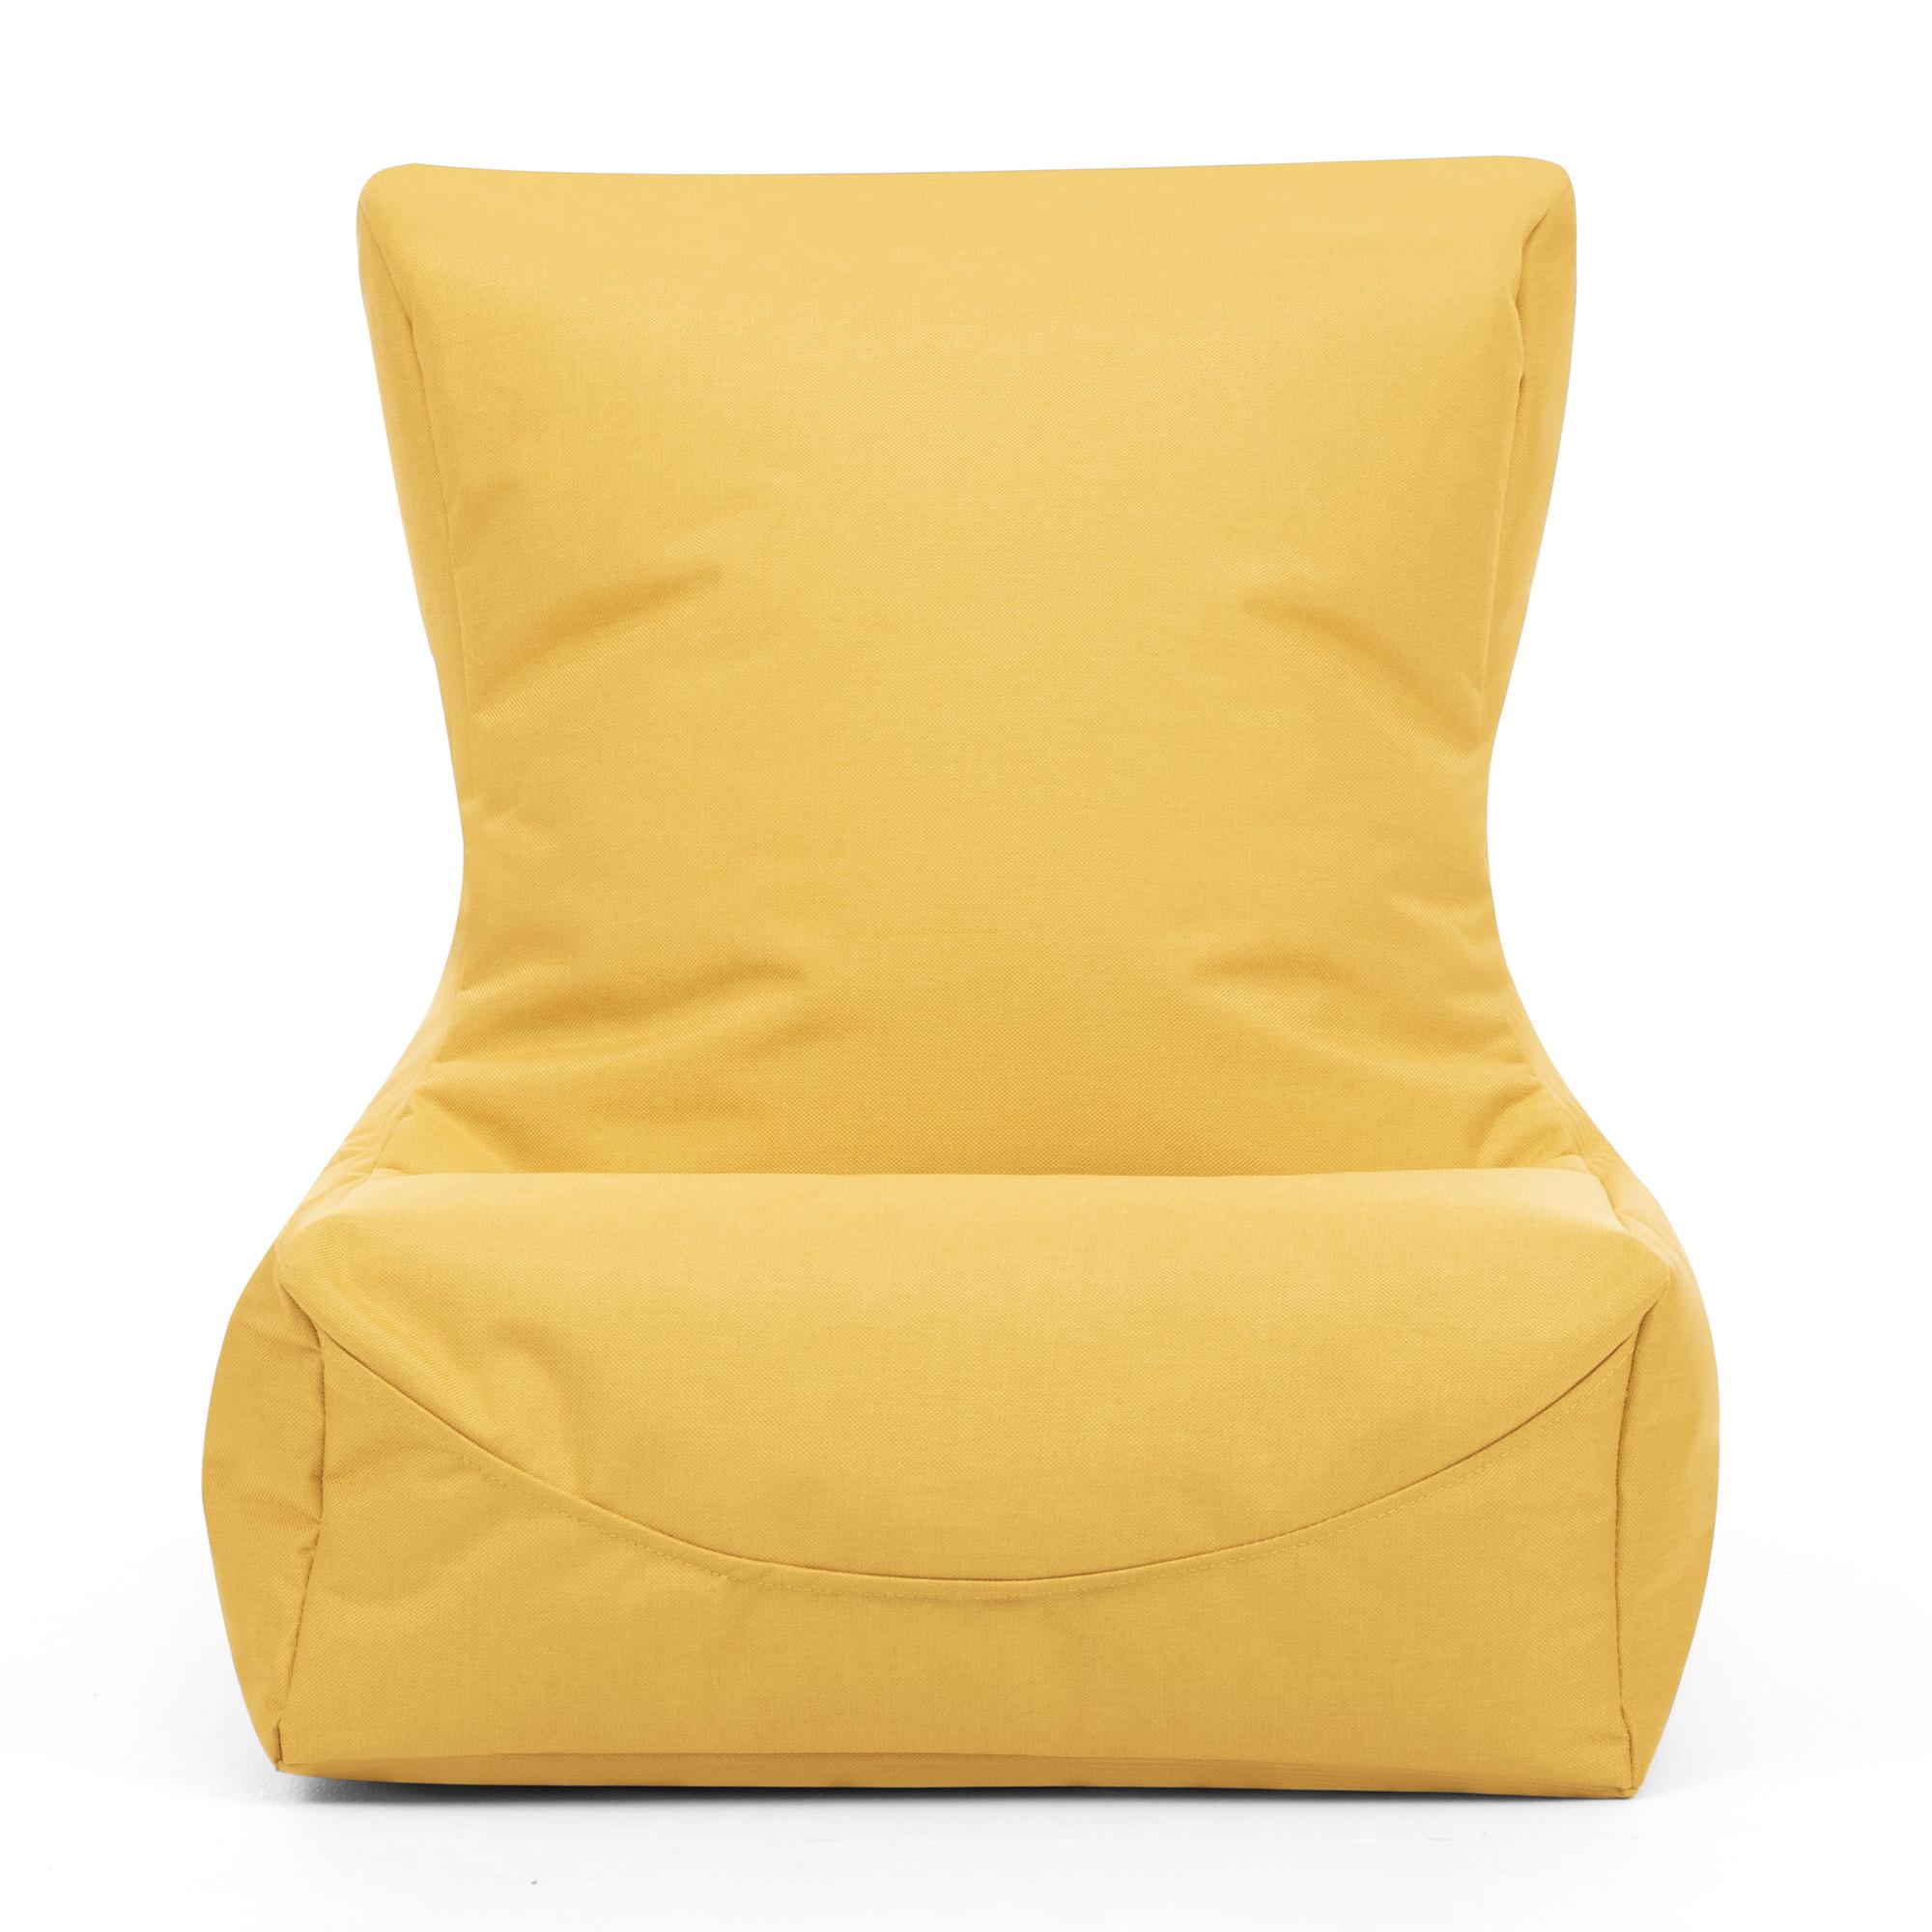 Eden-EY-Smile-Chair-Mustard-1-300dpi